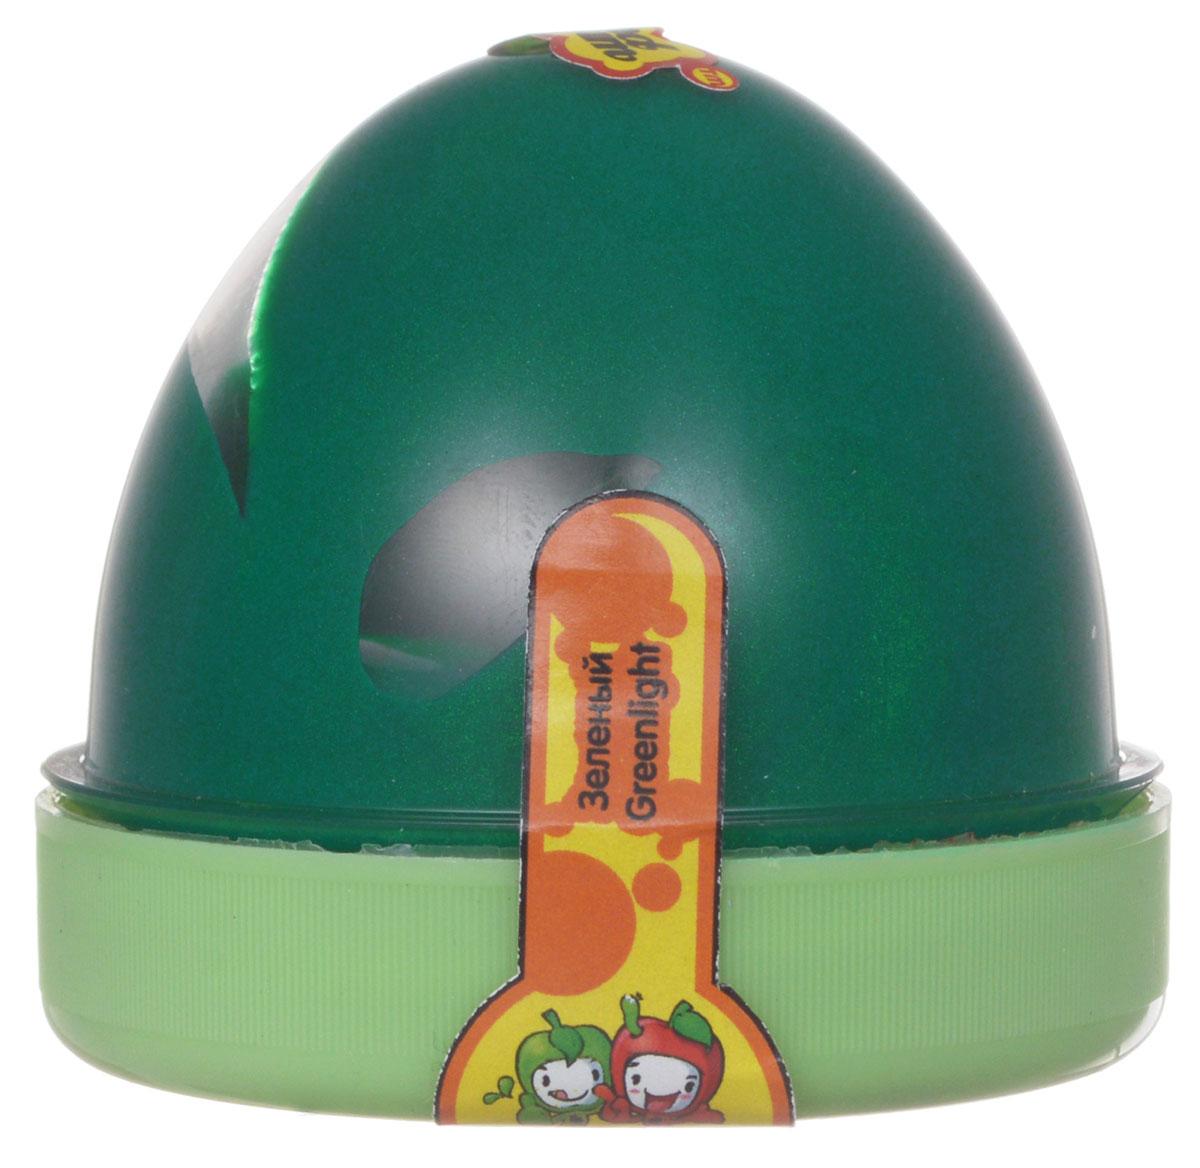 Жвачка для рук ТМ HandGum, цвет: зеленый, с запахом яблока, 70  г club style one shoulder black long beaded sleeve dress for women